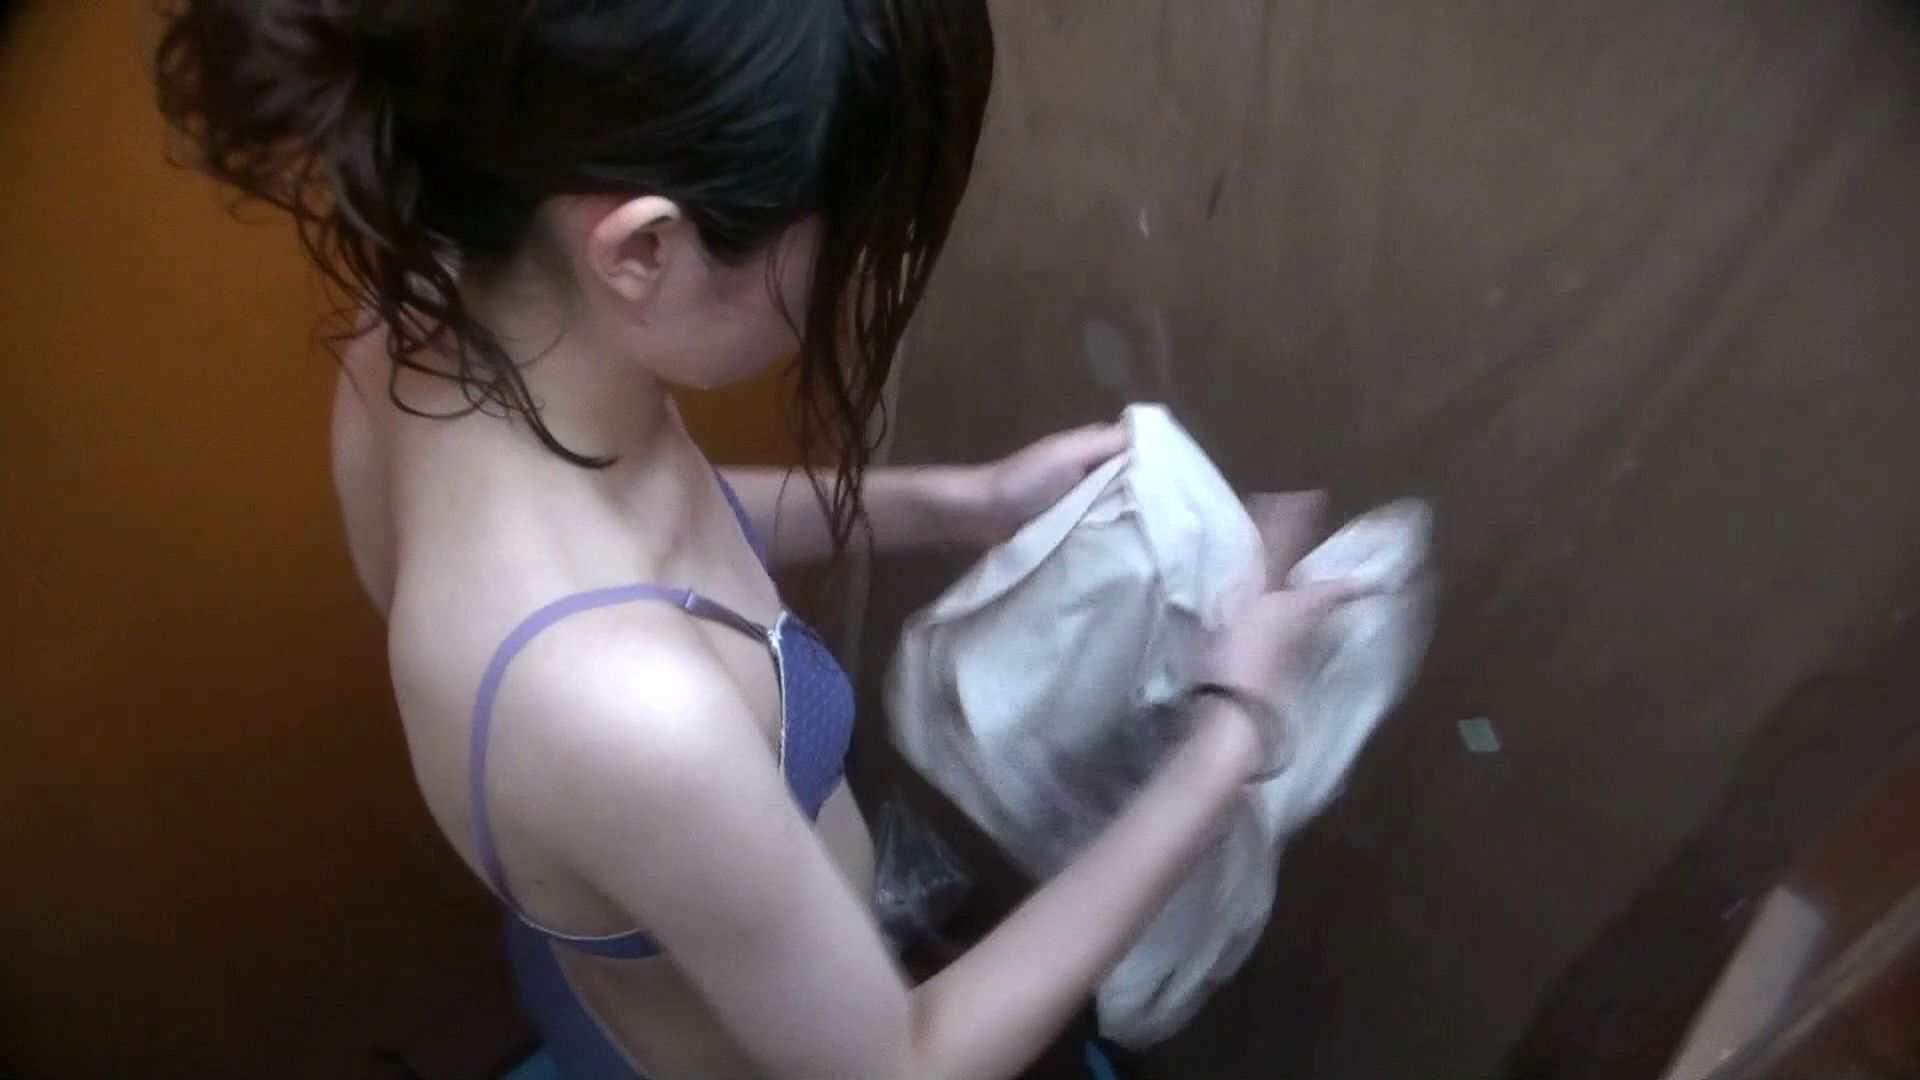 シャワールームは超!!危険な香りVol.29 こっちを向いて欲しい貧乳姉さん 高画質モード オマンコ無修正動画無料 85画像 79